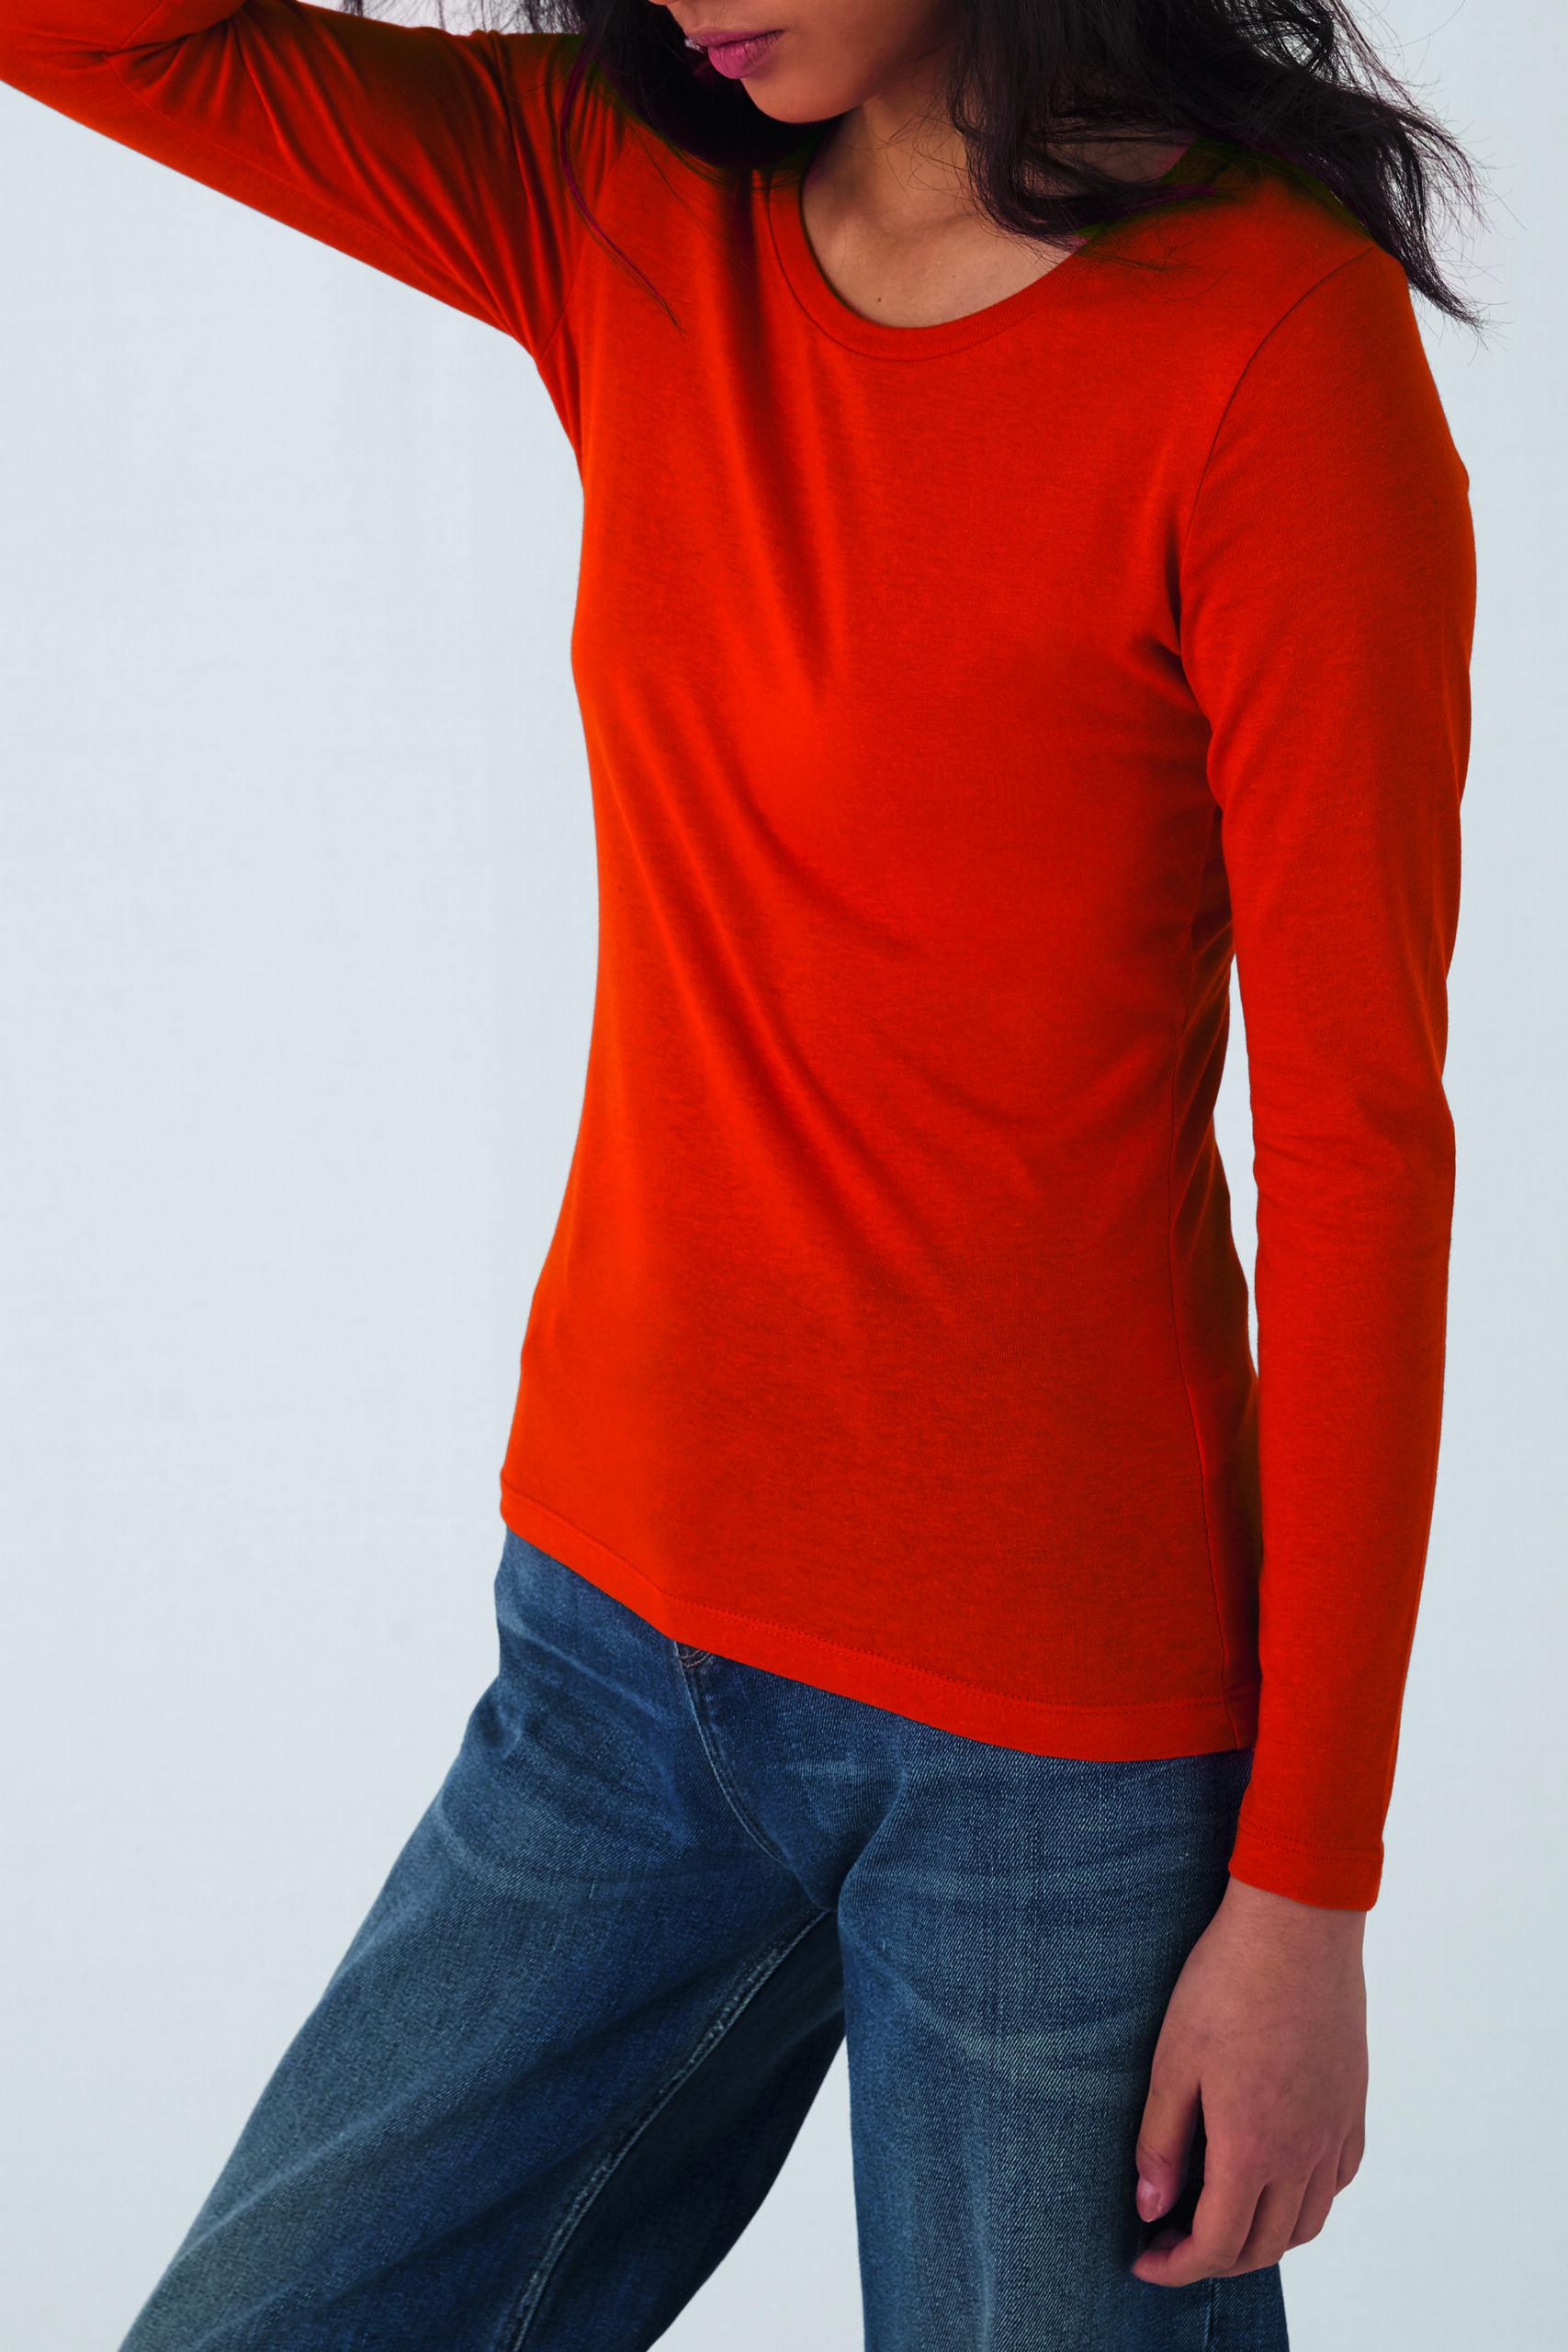 Økologisk, Fair Wear Og Oekotex T-shirt Med Lange ærmer Til Kvinder I En 140g/m2 Kvalitet [ BCTW071]